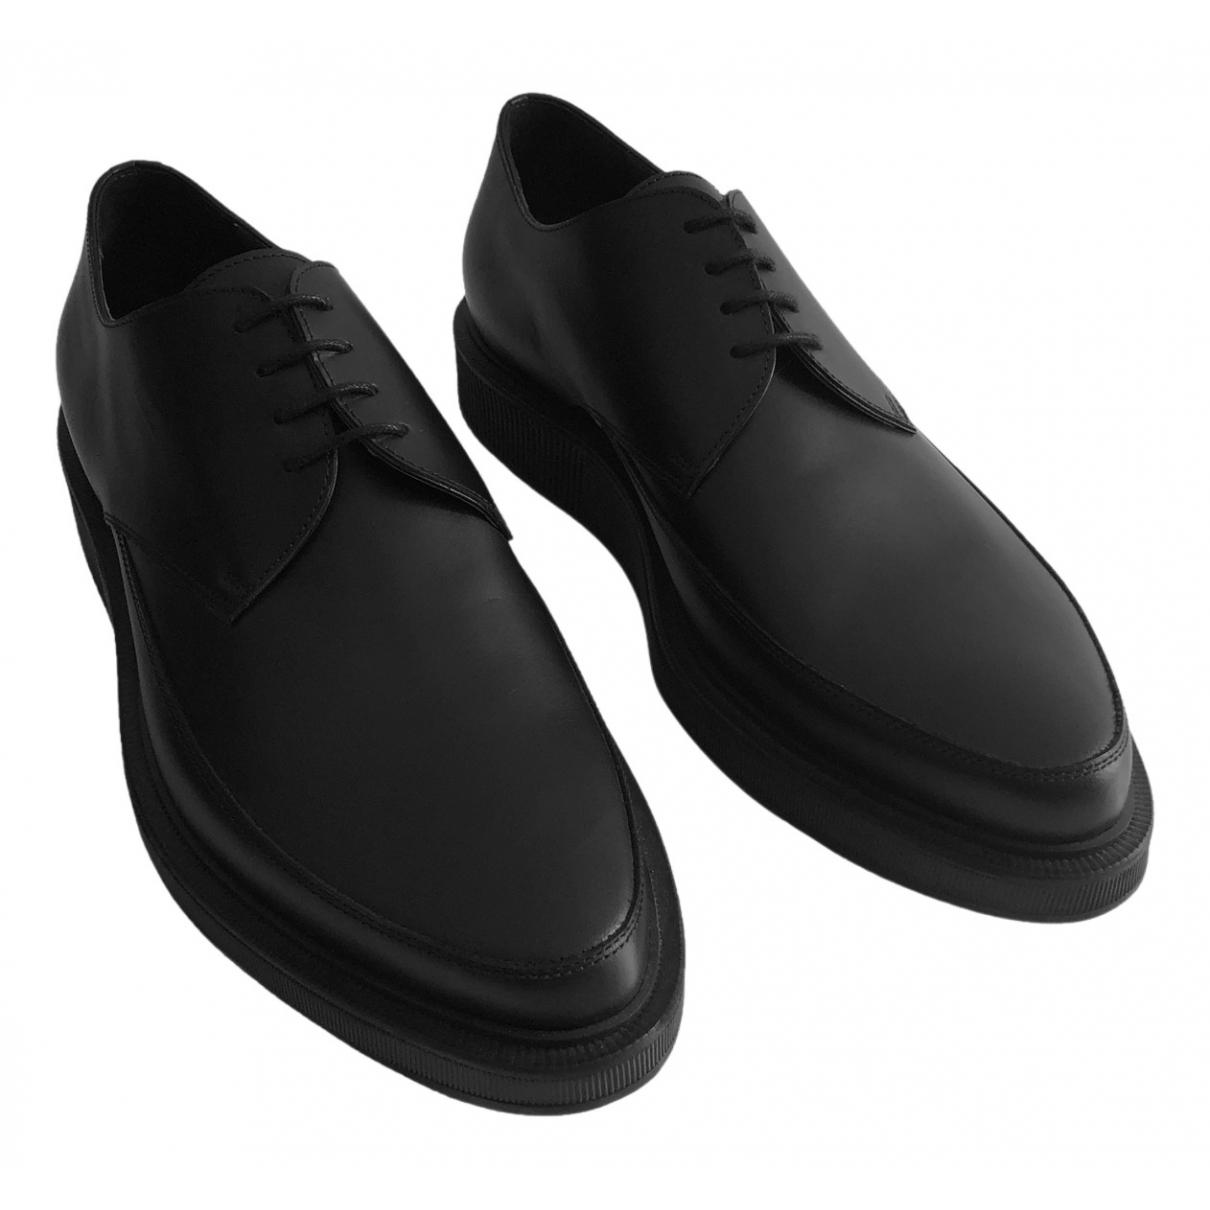 Lanvin - Derbies   pour homme en cuir - noir